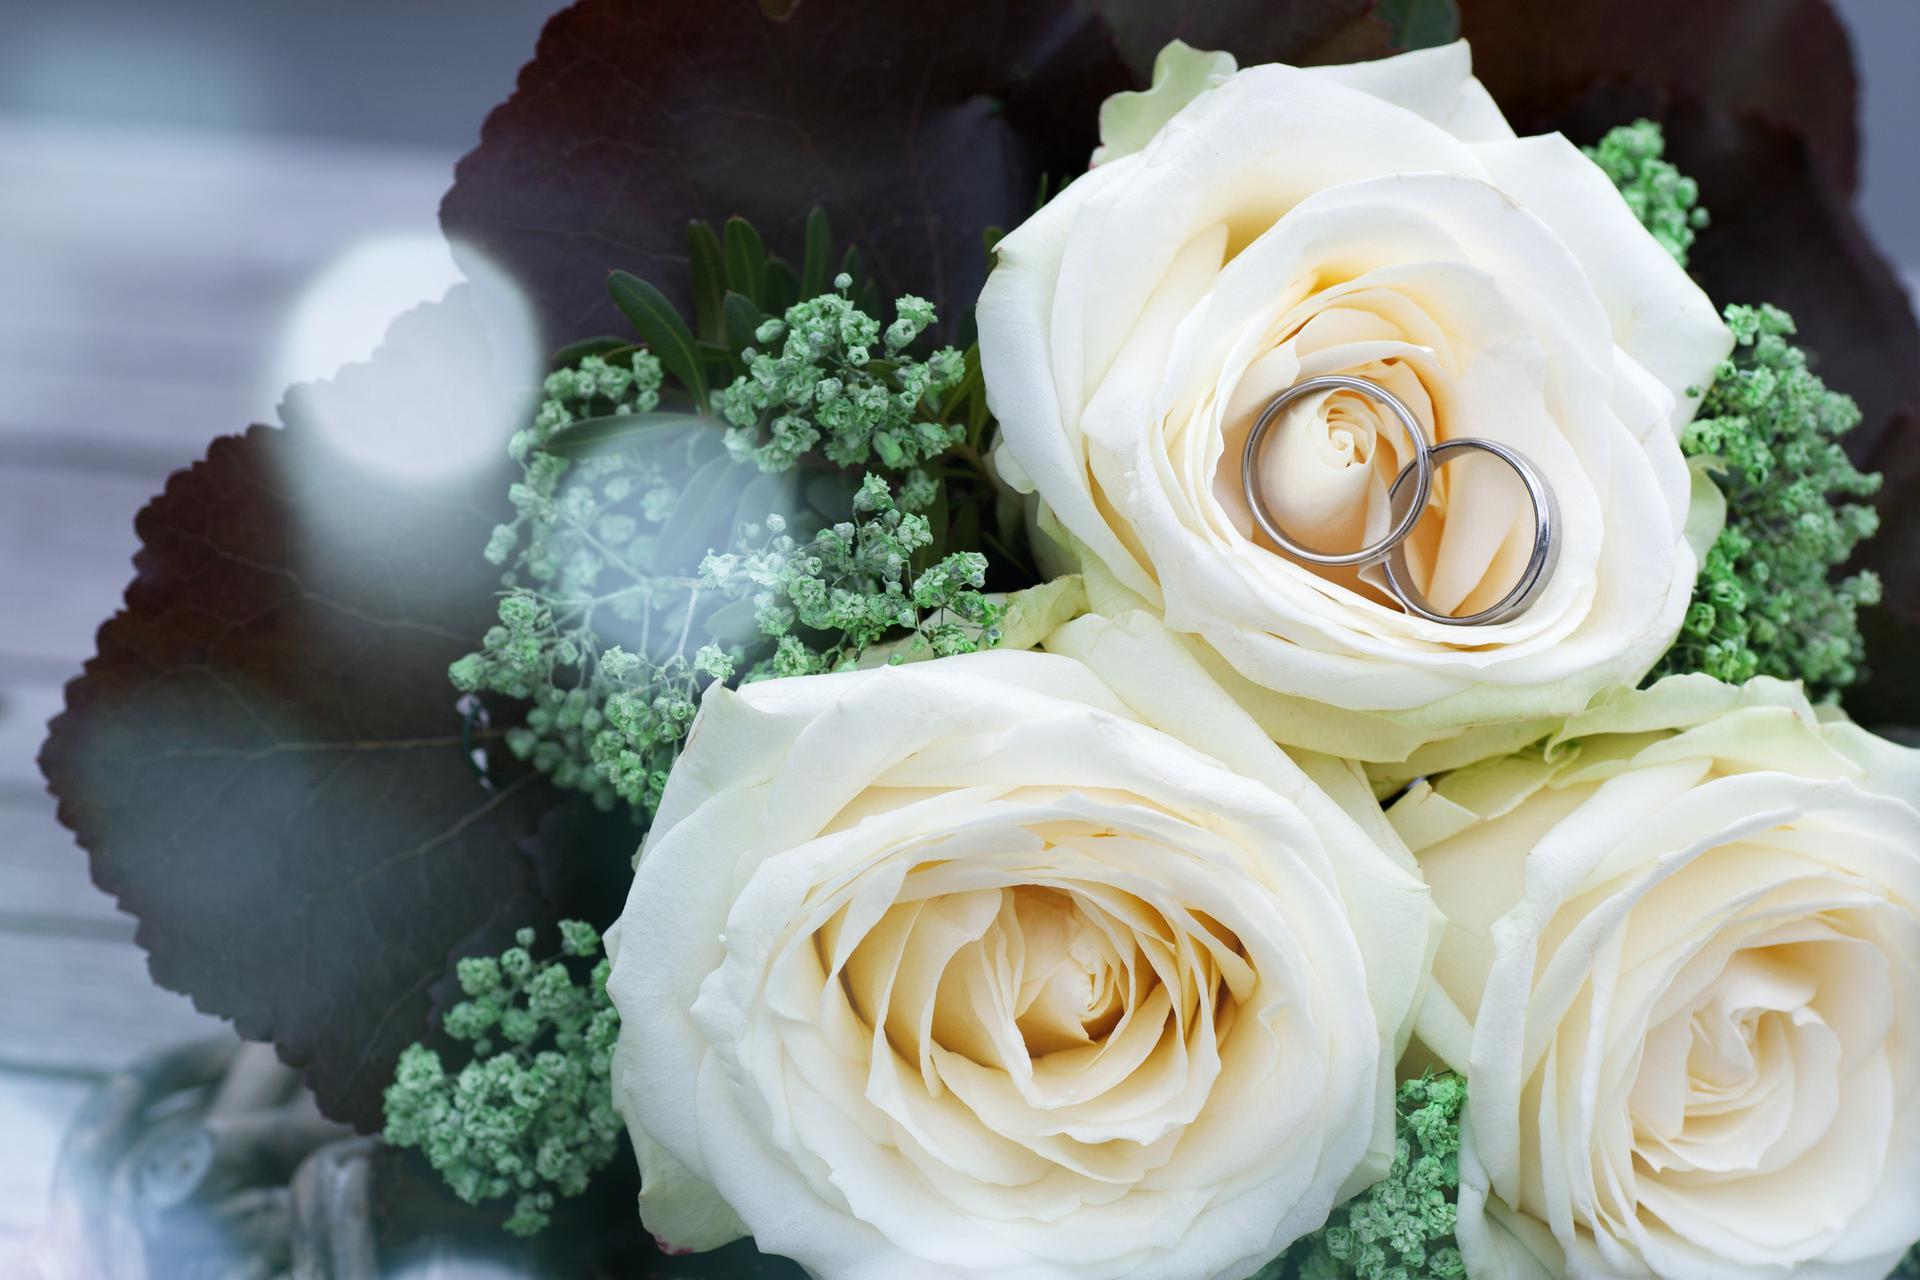 życzenia I Wierszyki Na Rocznicę ślubu Czego życzyć